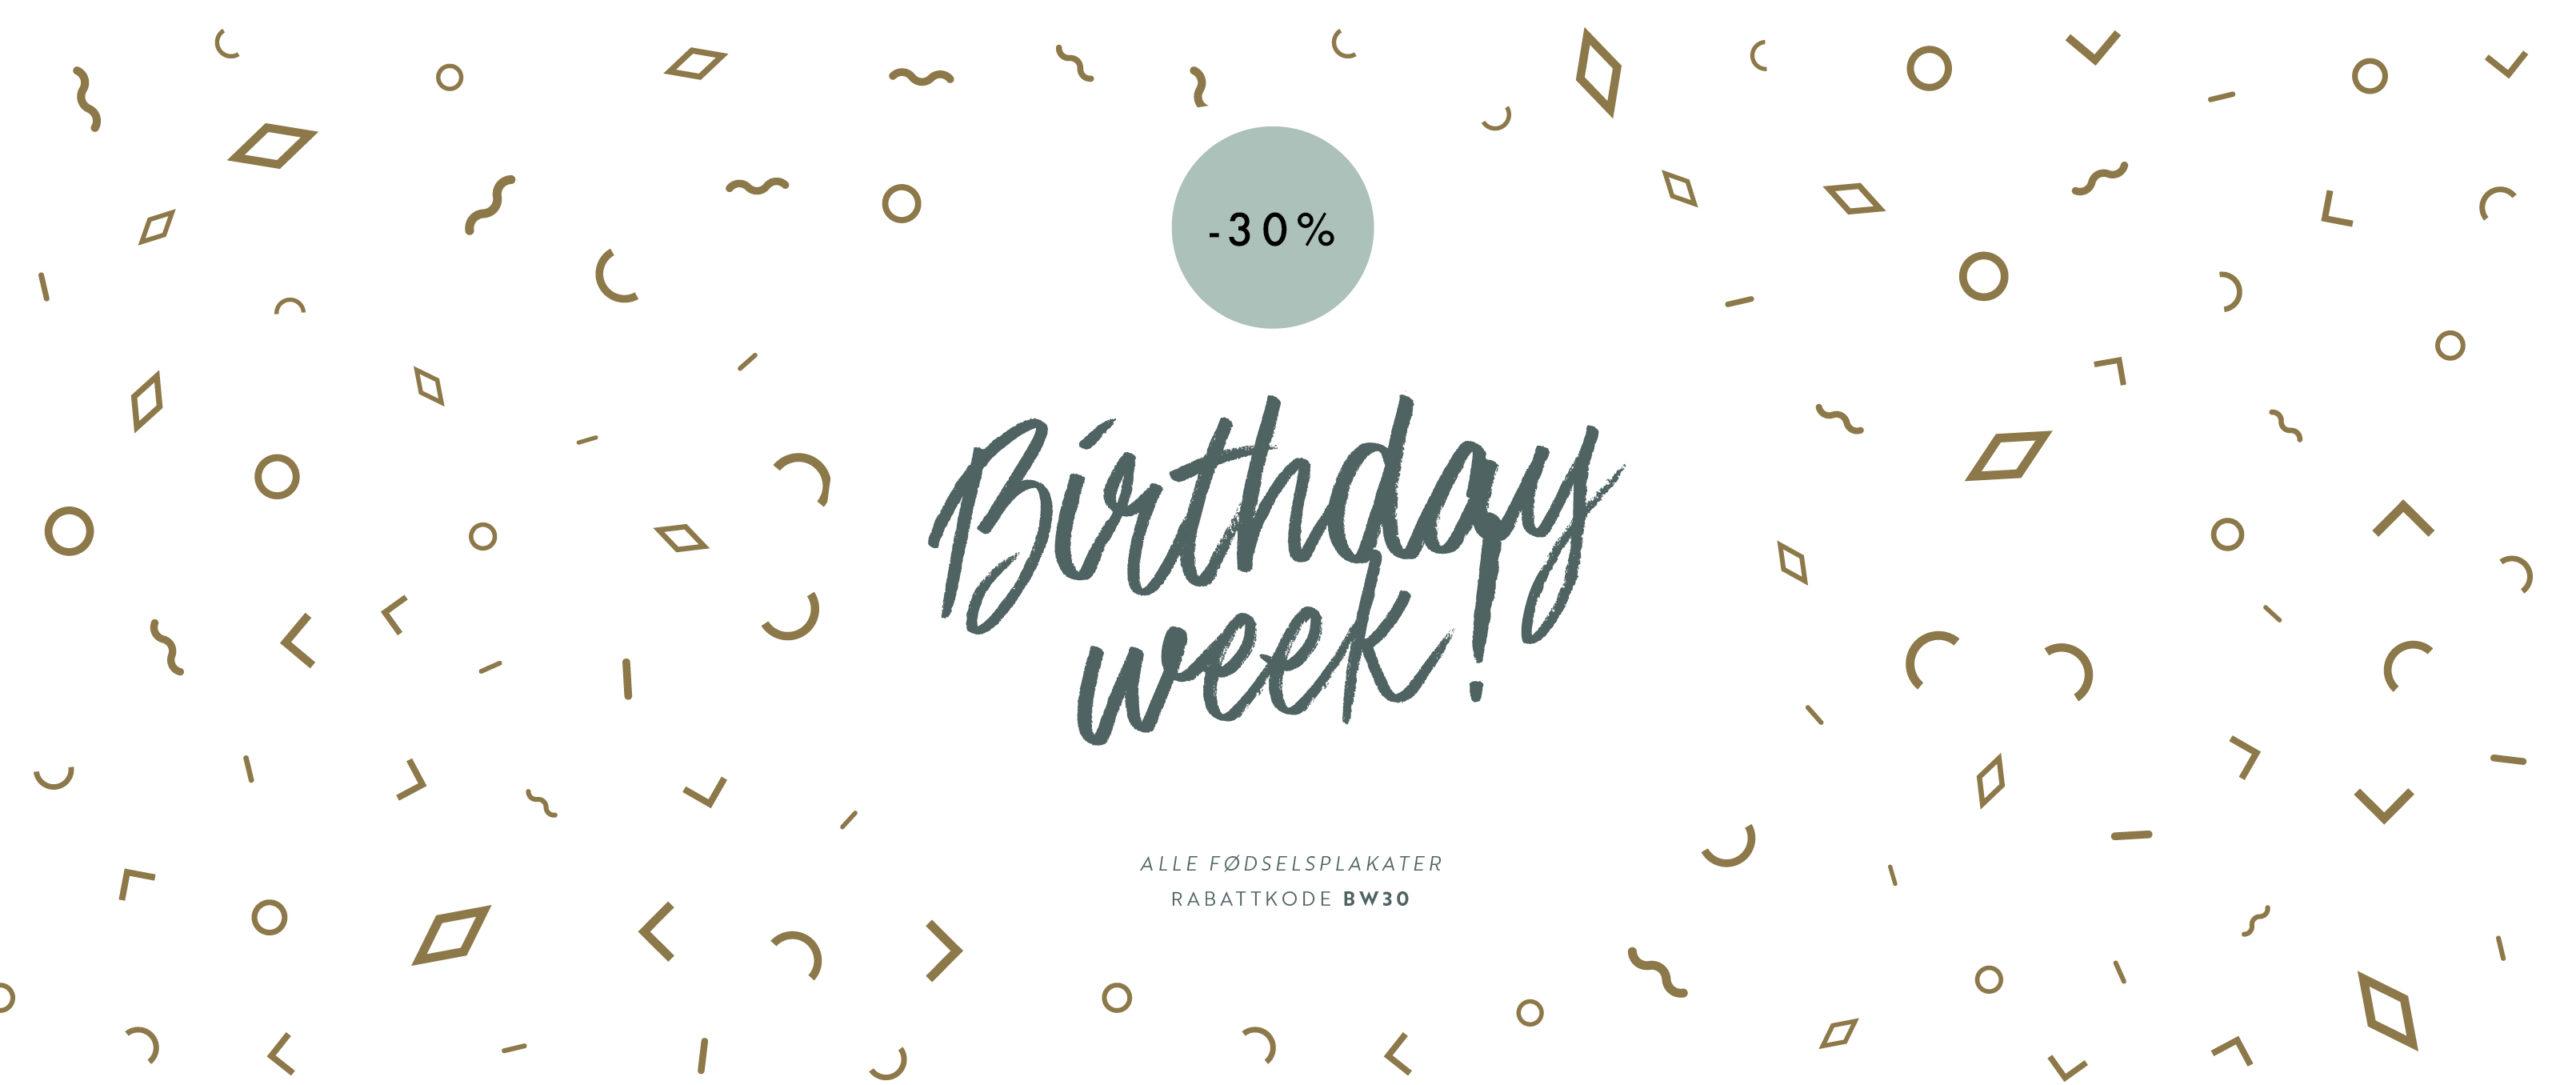 BirthdayWeek_web_sliders_1600x678px2